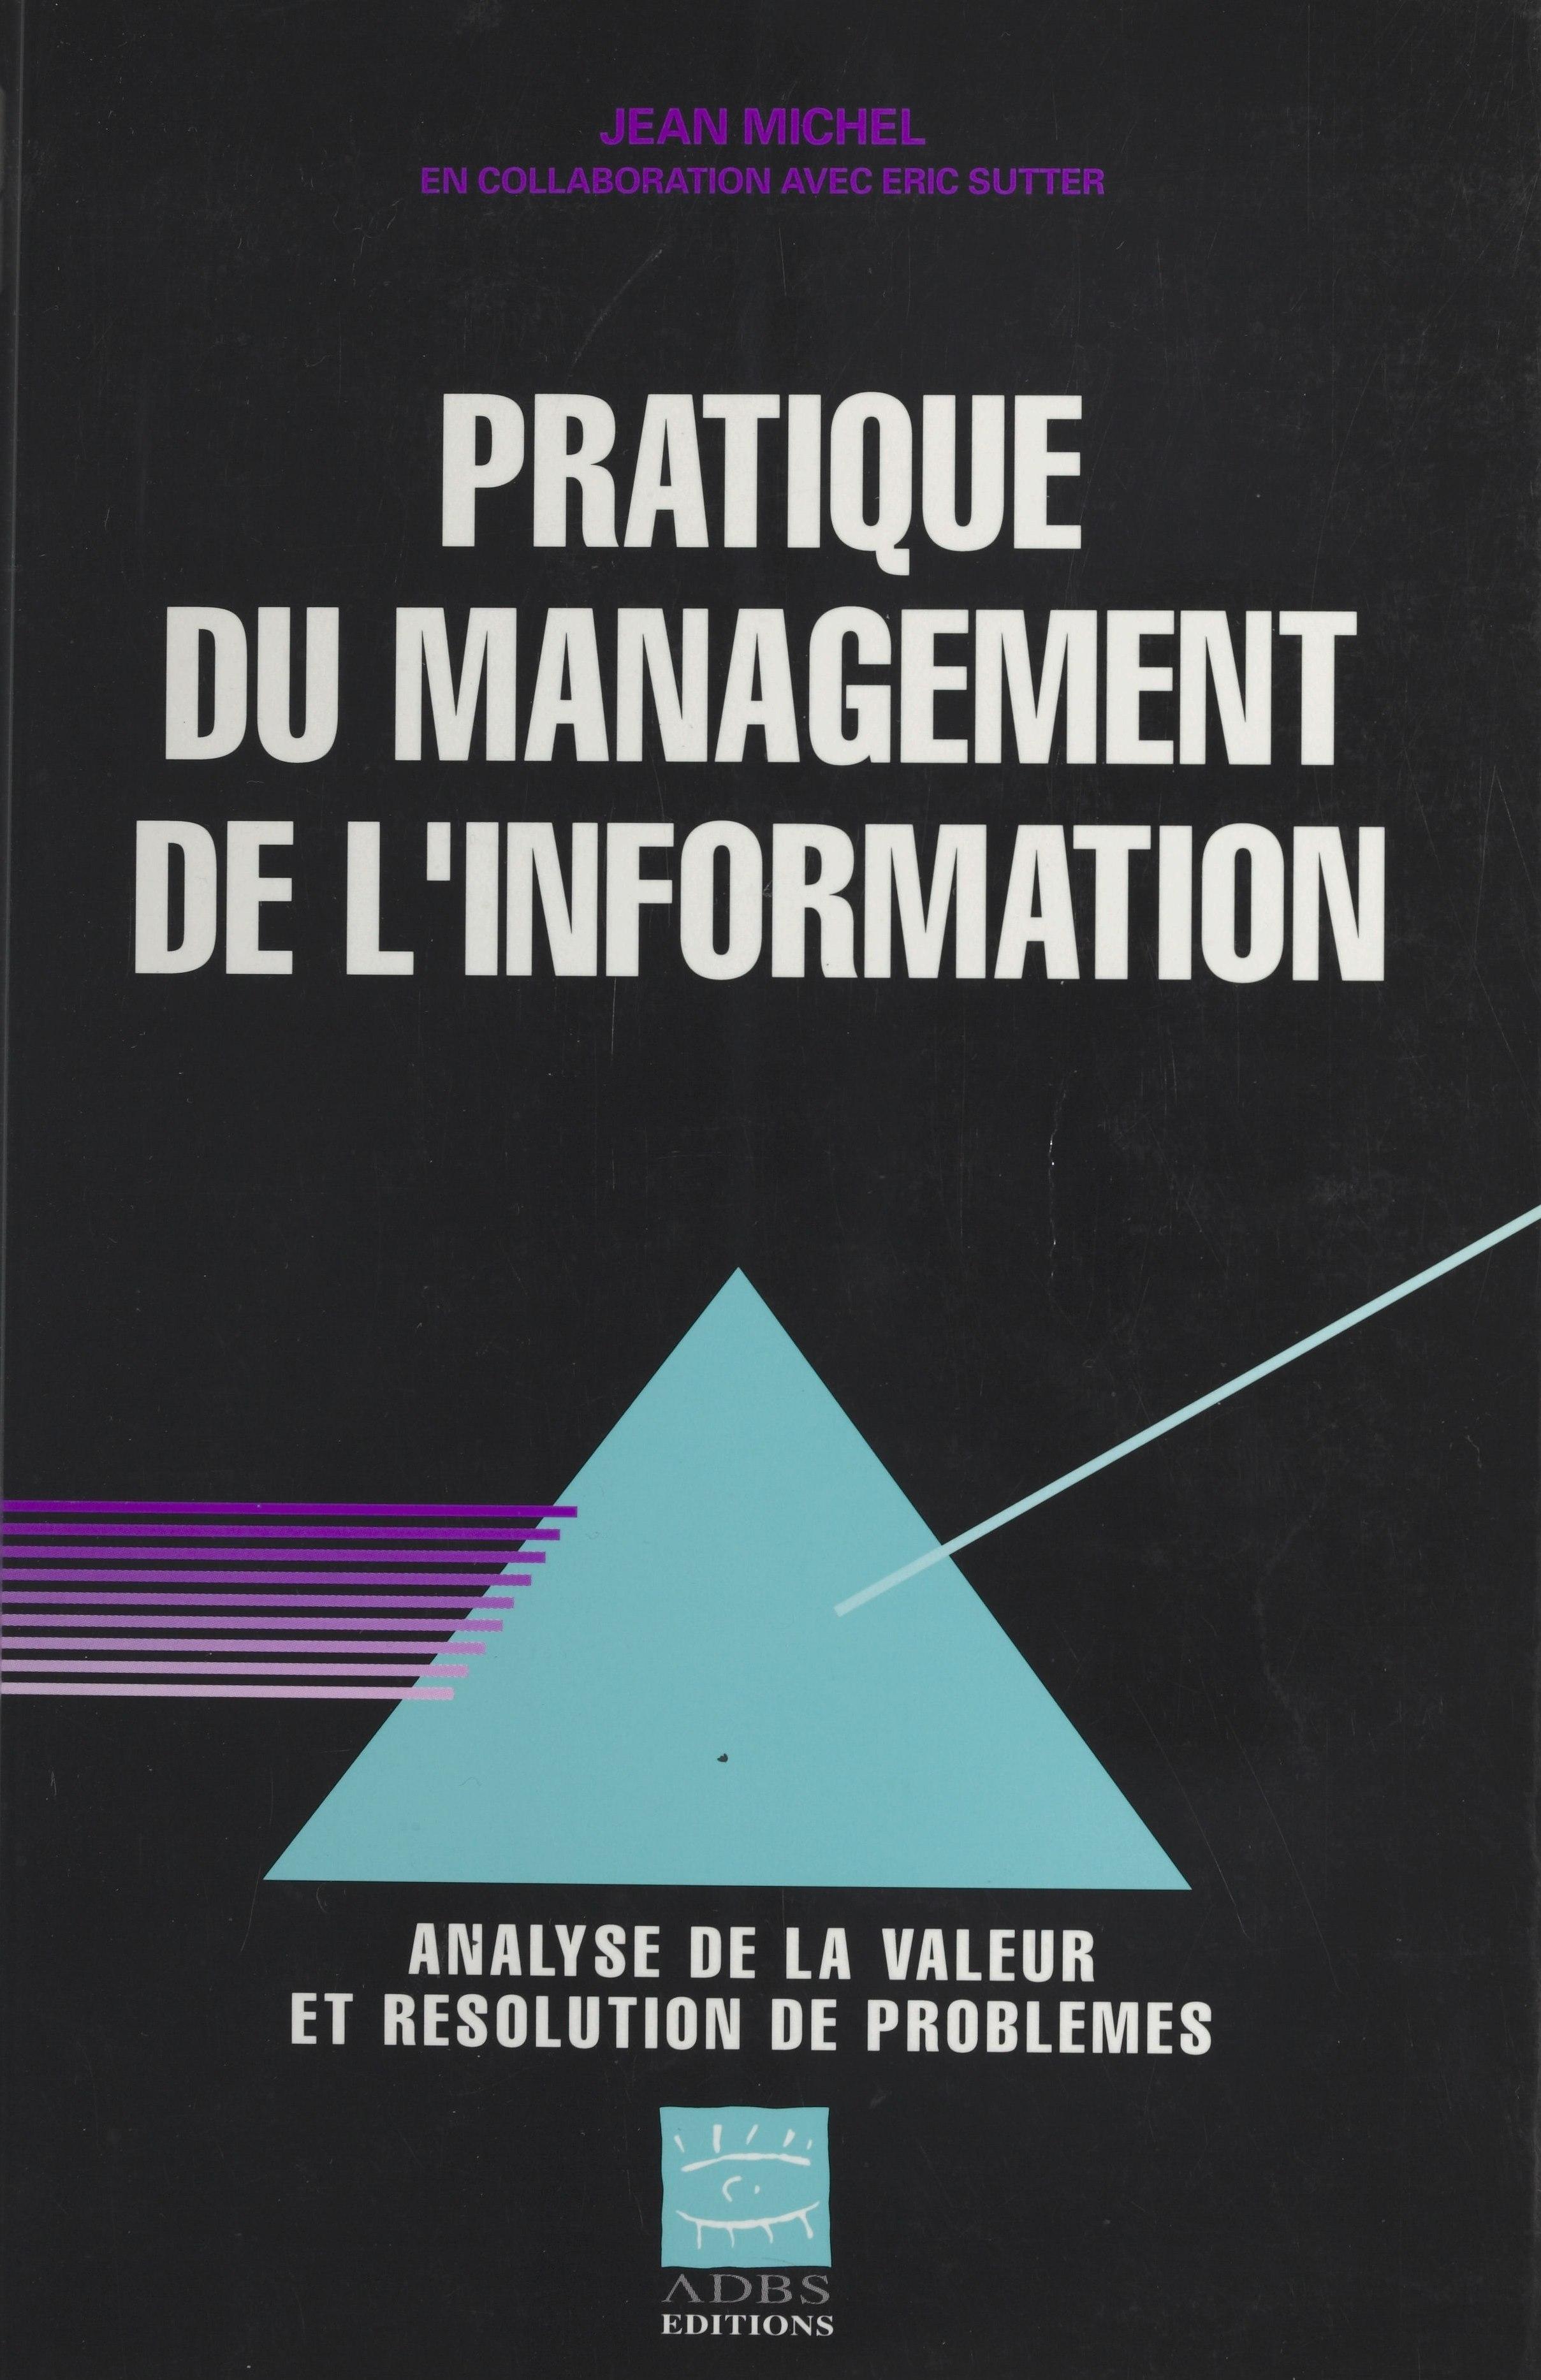 Pratique du management de l'information : analyse de la valeur et résolution de problèmes